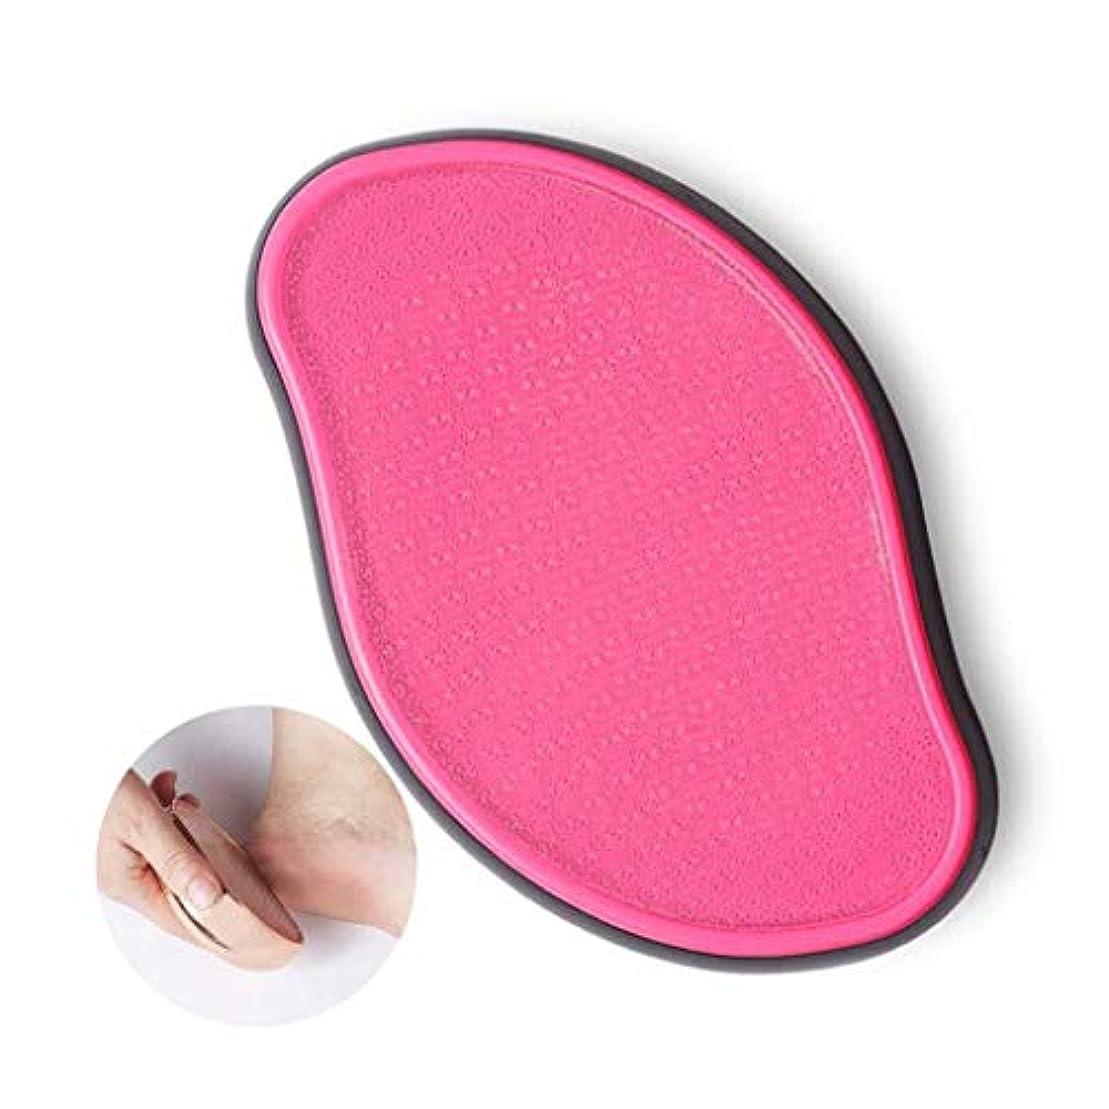 備品比類のない九時四十五分フット研削盤フットツール、グラスフットボード、エクスフォリエイティング、砥石、簡単にきれいな、老人、成人男性と女性、アスリートに適して WEIXIN (Color : Rose red)